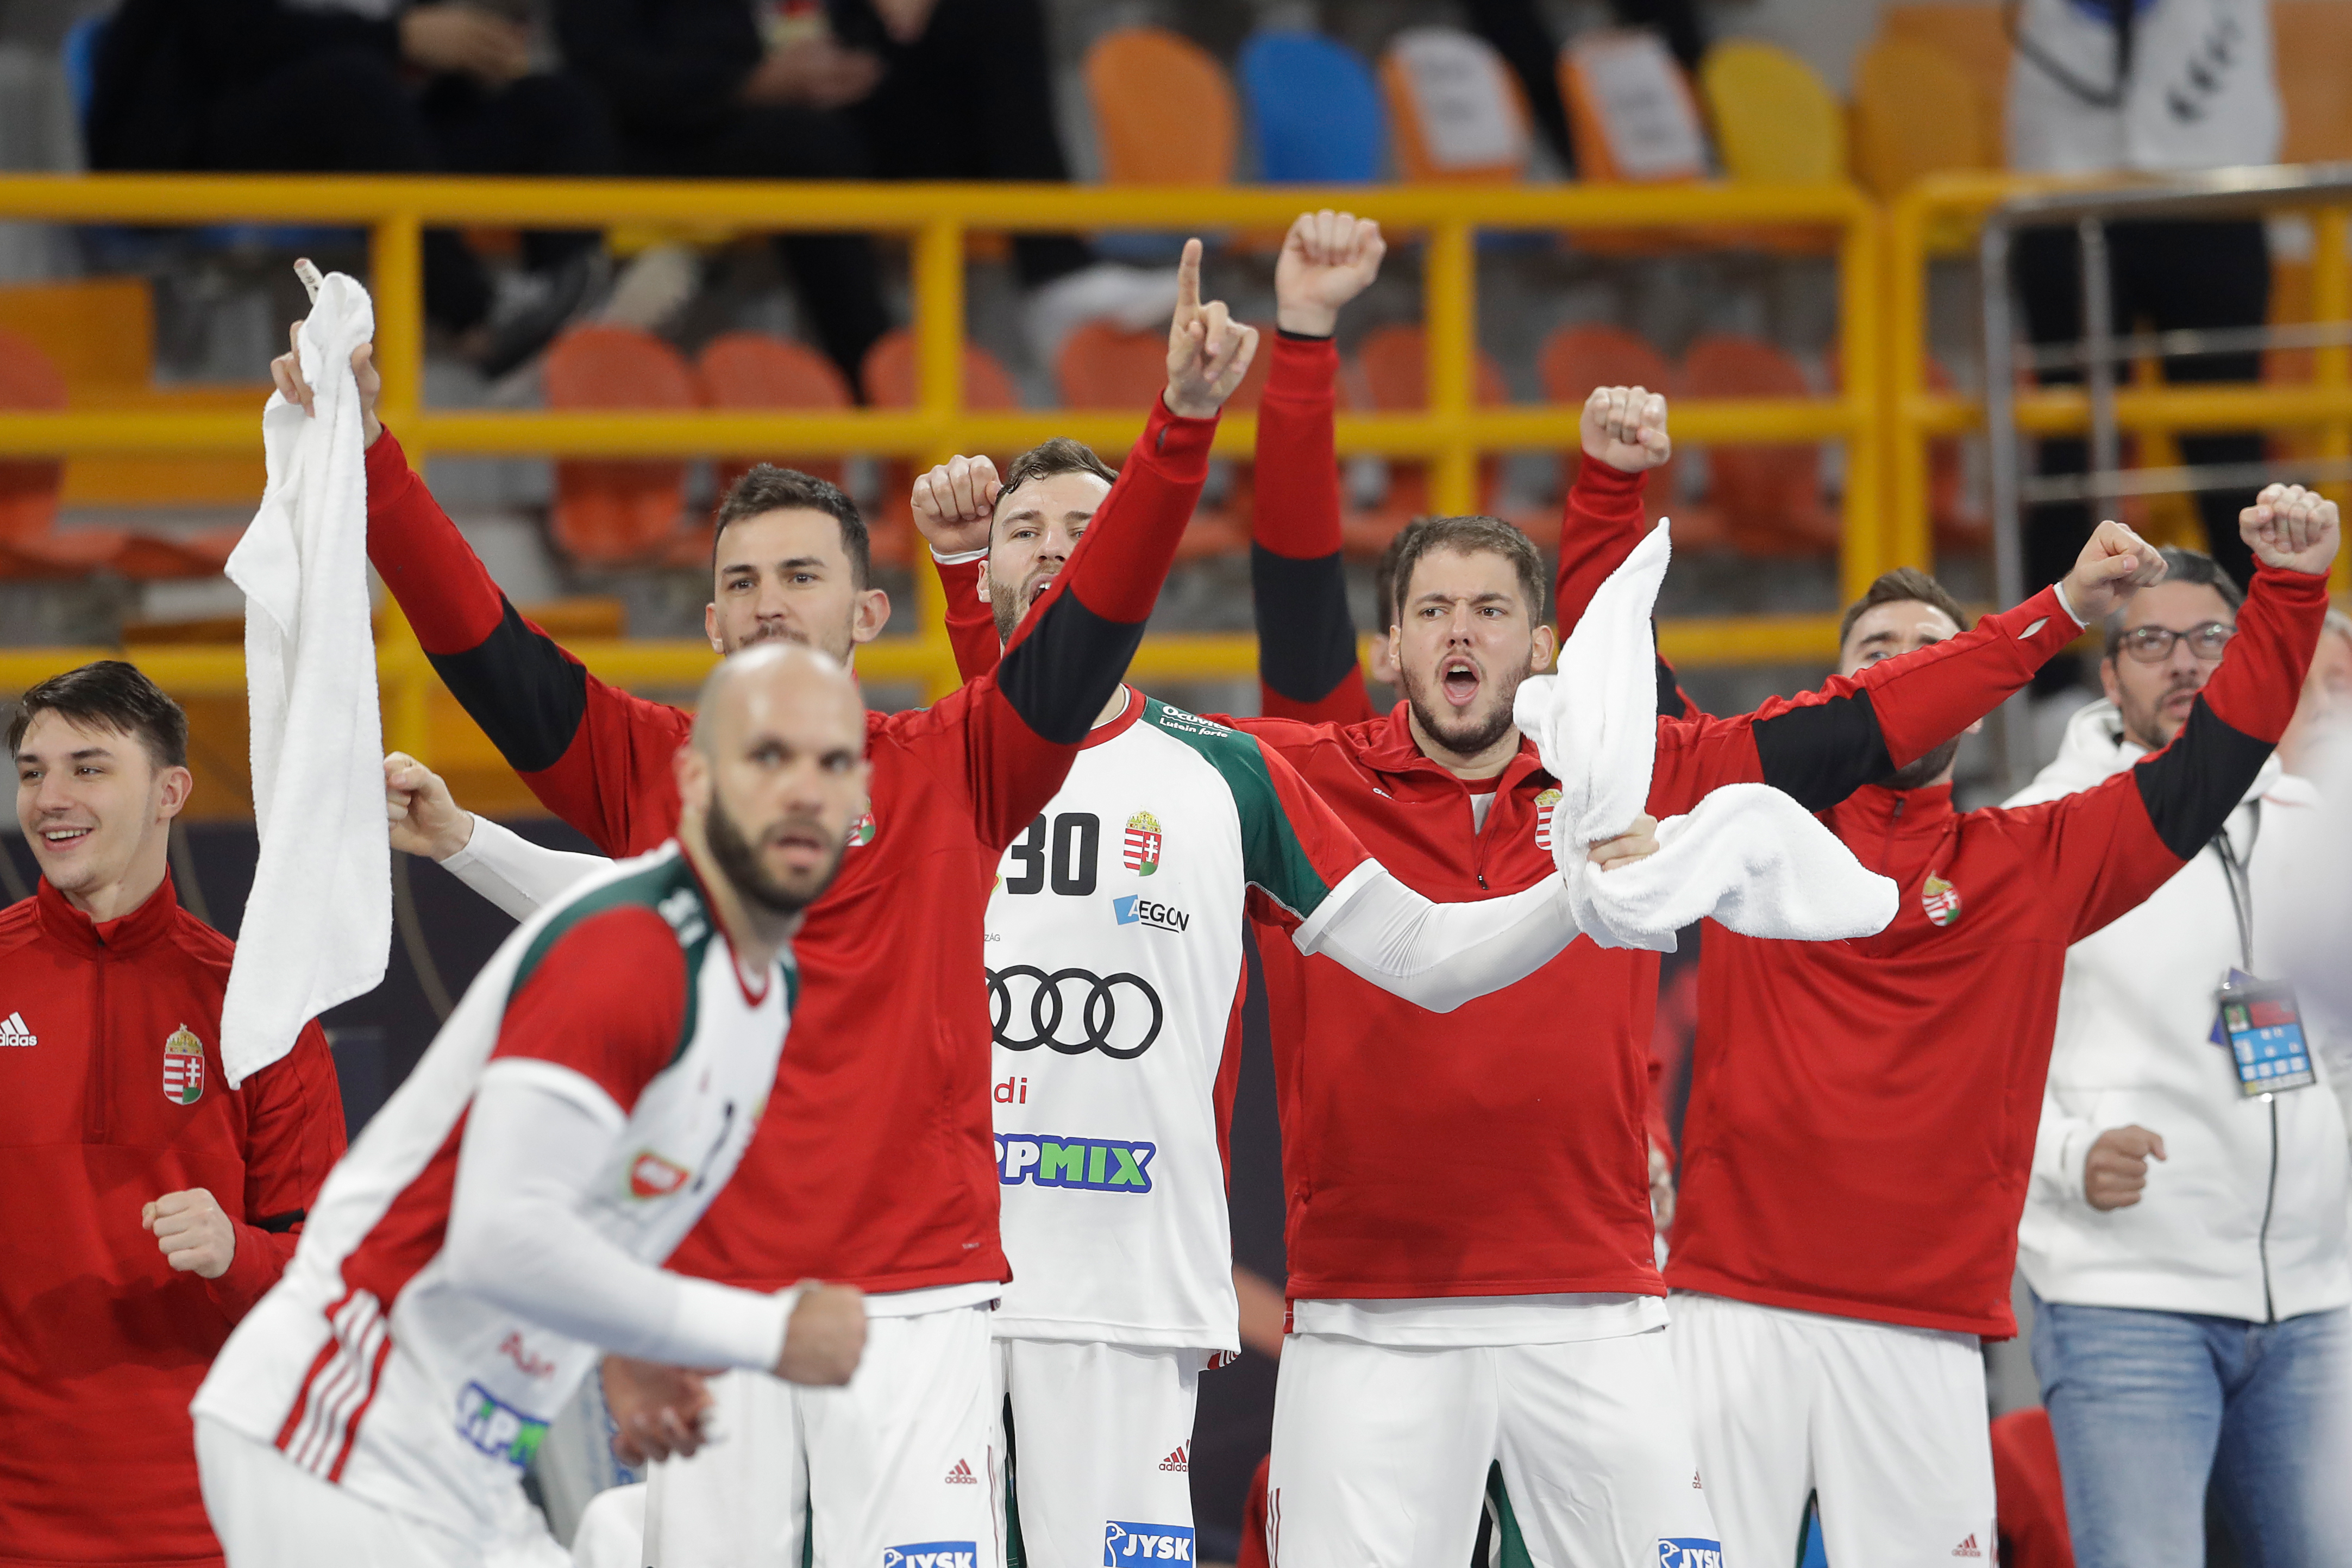 Lengyelország legyőzésével világbajnoki negyeddöntős a magyar férfi kéziválogatott